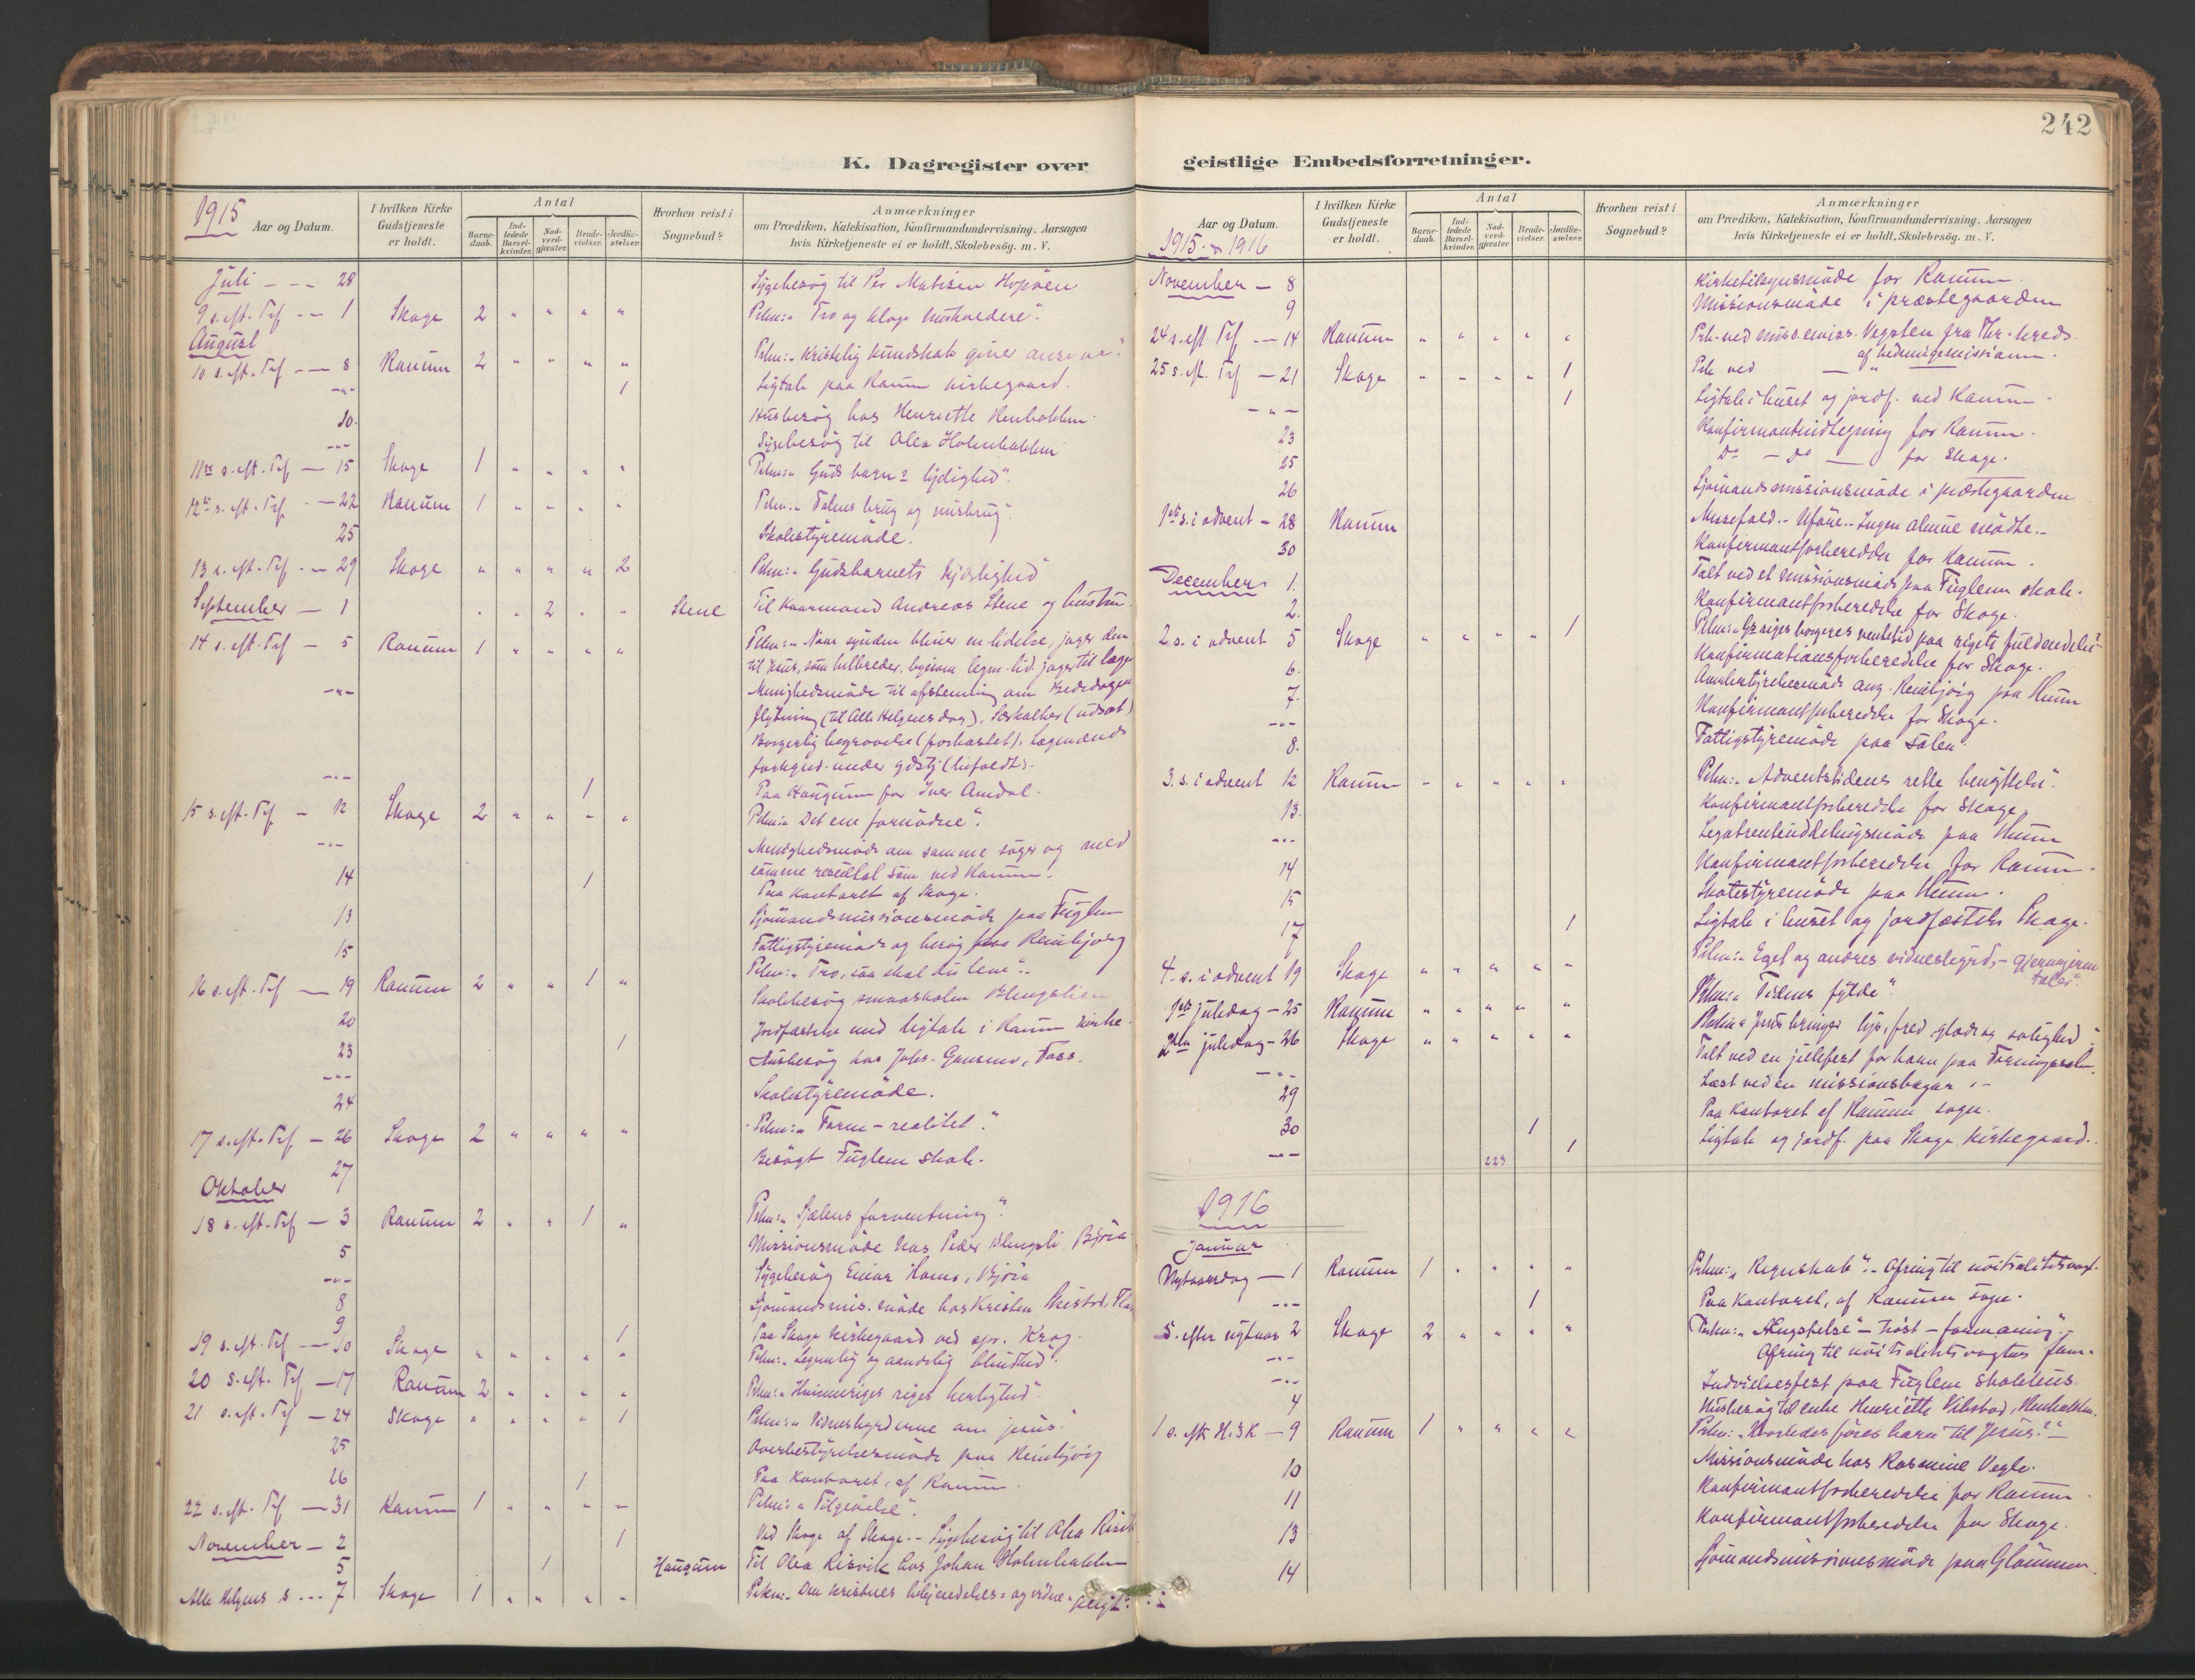 SAT, Ministerialprotokoller, klokkerbøker og fødselsregistre - Nord-Trøndelag, 764/L0556: Ministerialbok nr. 764A11, 1897-1924, s. 242